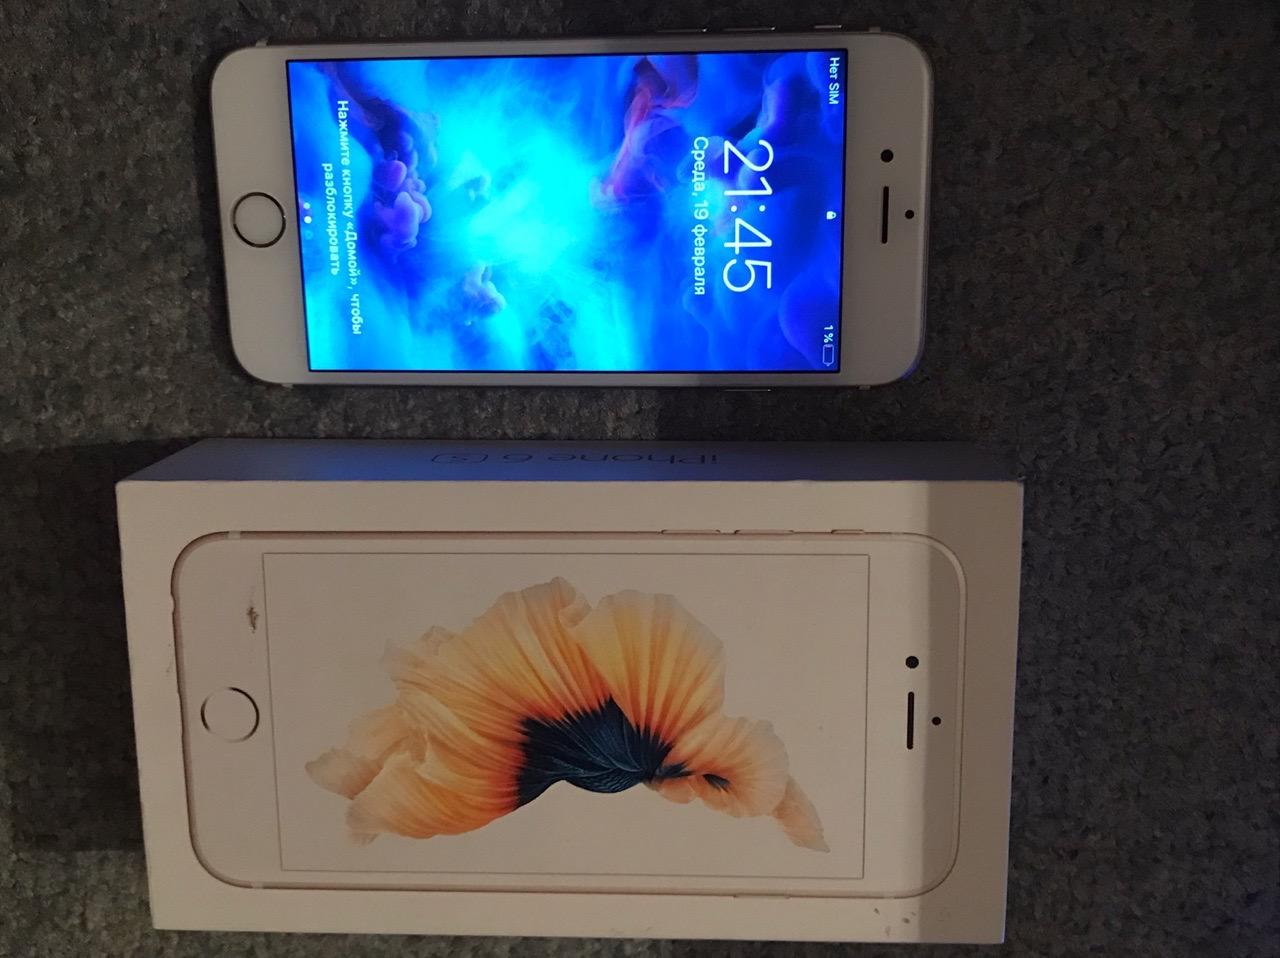 Купить оригинальный Iphone 6S Gold на 16гб. | Объявления Орска и Новотроицка №1763